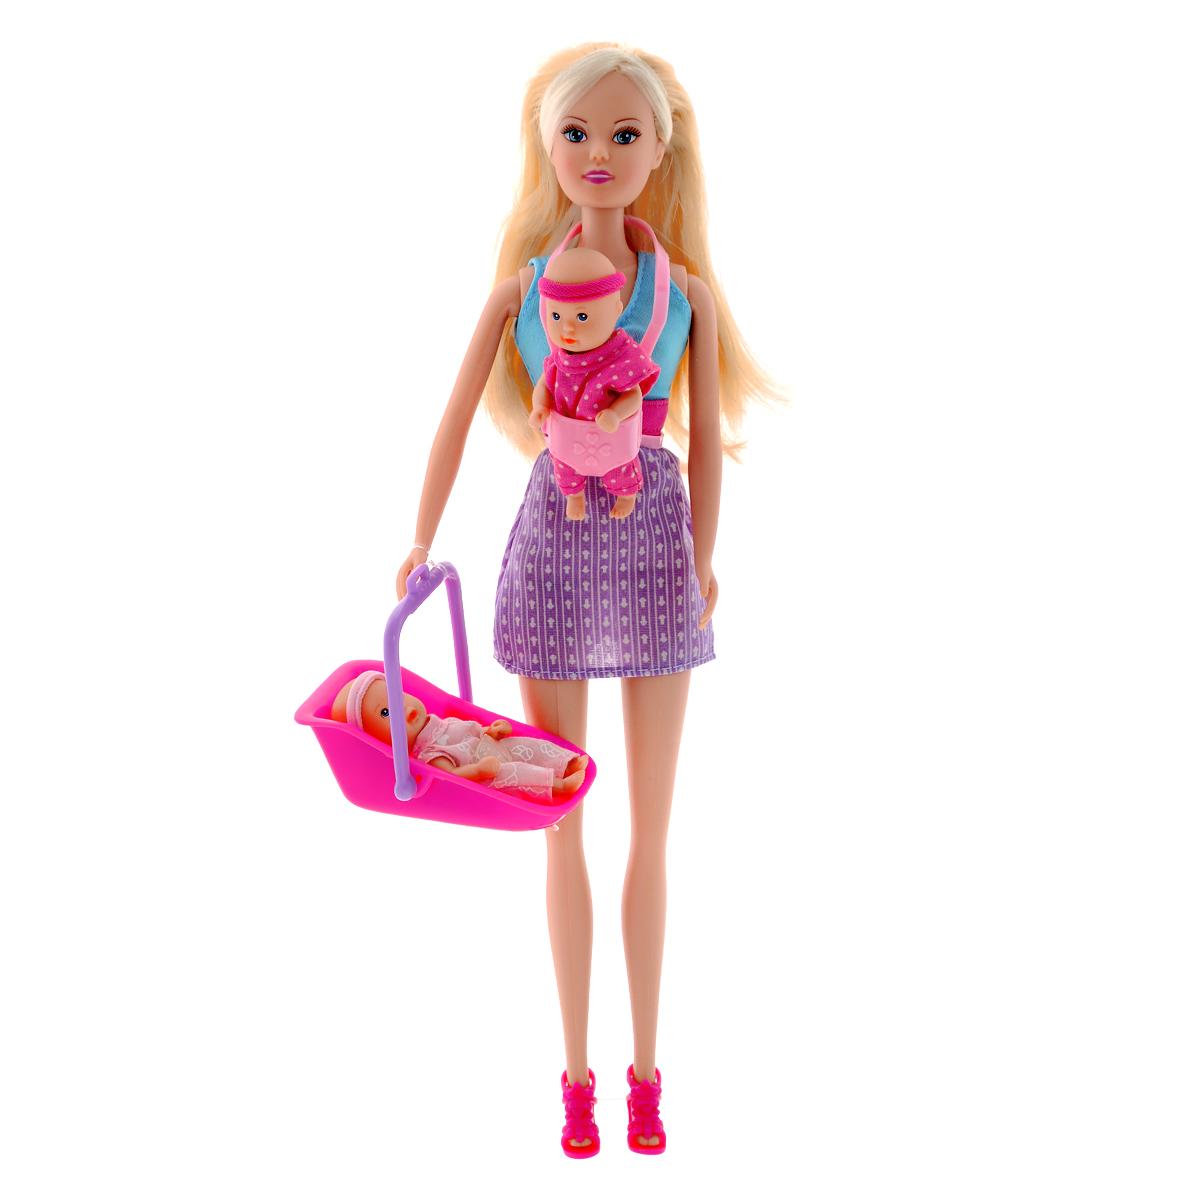 Simba Кукла Steffi Love Babysitter5730211Кукла Simba Steffi Love. Babysitter надолго займет внимание вашей малышки и подарит ей множество счастливых мгновений. Кукла изготовлена из пластика, ее голова, ручки и ножки подвижны, что позволяет придавать ей разнообразные позы. В комплект также входят 2 фигурки малышей с подвижными ручками, ножками и головками, люлька-переноска, переноска-кенгуру, и 12 аксессуаров для кормления и ухода за малышами. Куколка одета в удобное платье без рукавов, а на ногах у нее - стильные босоножки. Чудесные длинные волосы куклы так весело расчесывать и создавать из них всевозможные прически, плести косички, жгутики и хвостики. Благодаря играм с куклой, ваша малышка сможет развить фантазию и любознательность, овладеть навыками общения и научиться ответственности, а дополнительные аксессуары сделают игру еще увлекательнее. Порадуйте свою принцессу таким прекрасным подарком!